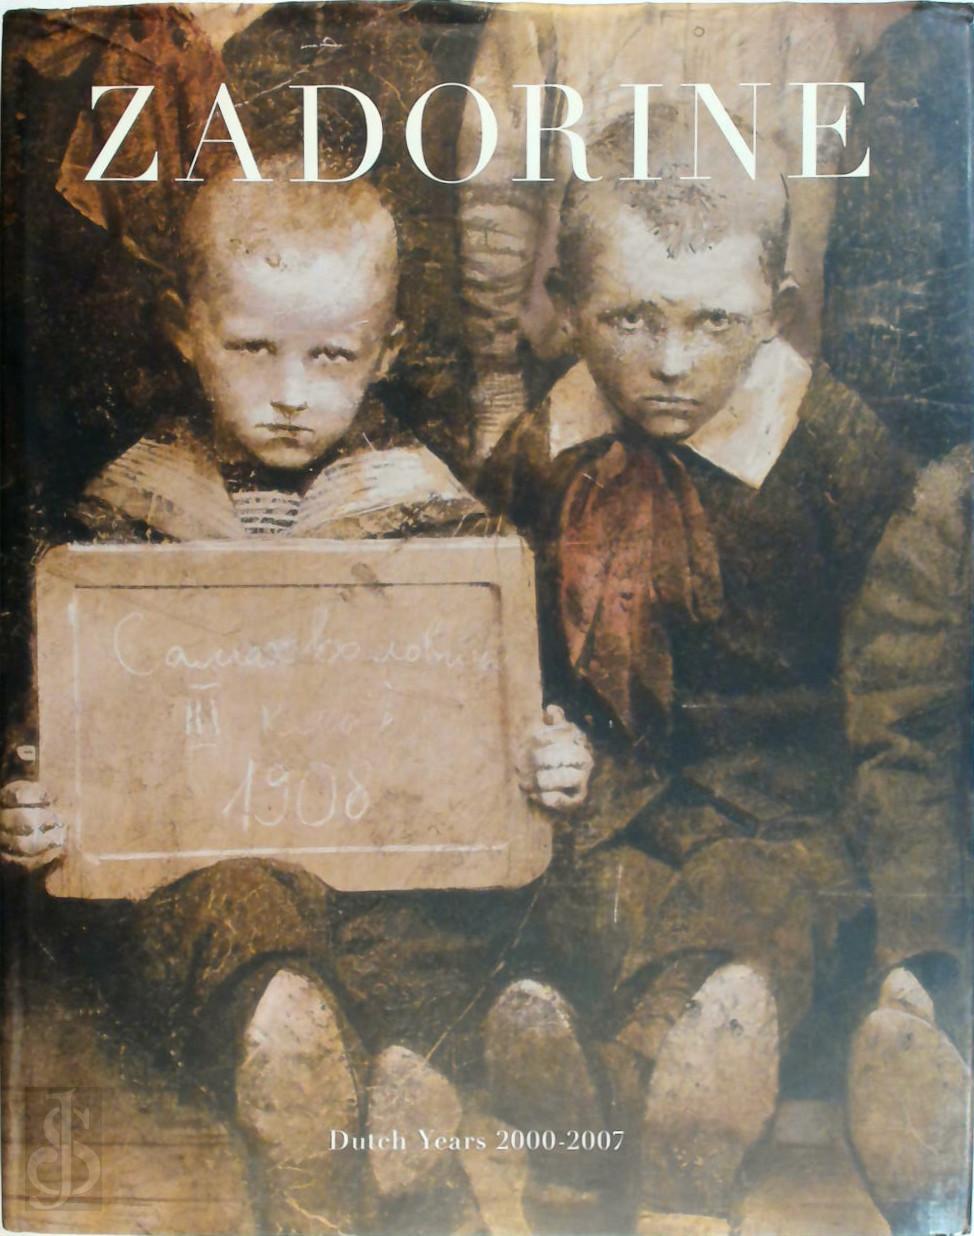 W.E. van den Belt - Andrei Zadorine Dutch Years 2000-2007